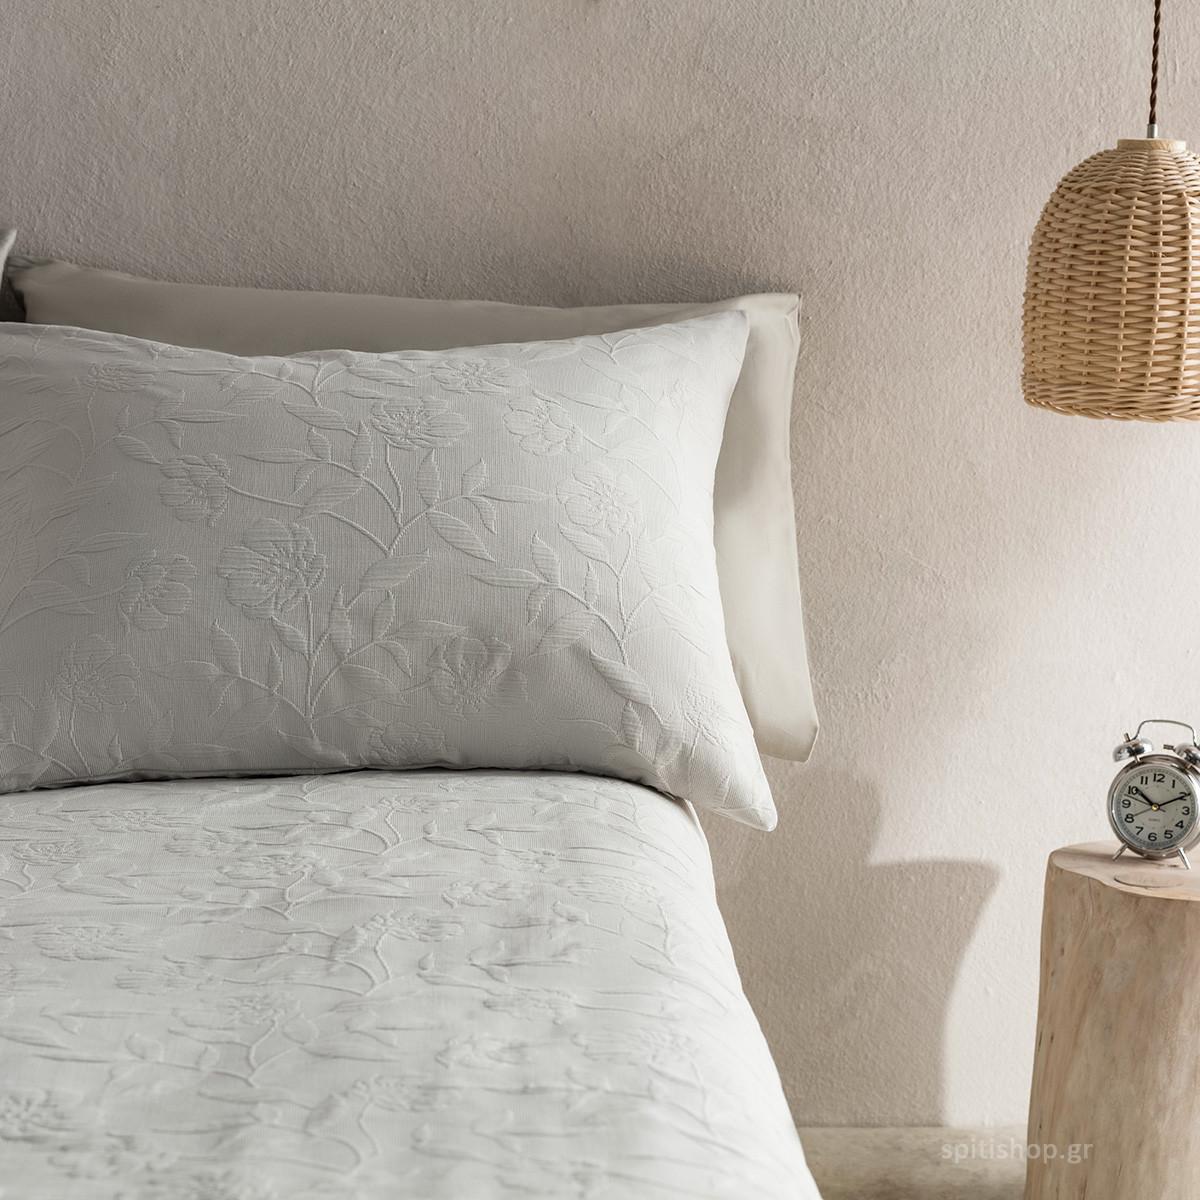 Μαξιλαροθήκη Ύπνου Gofis Home Laurele Silver 978/15